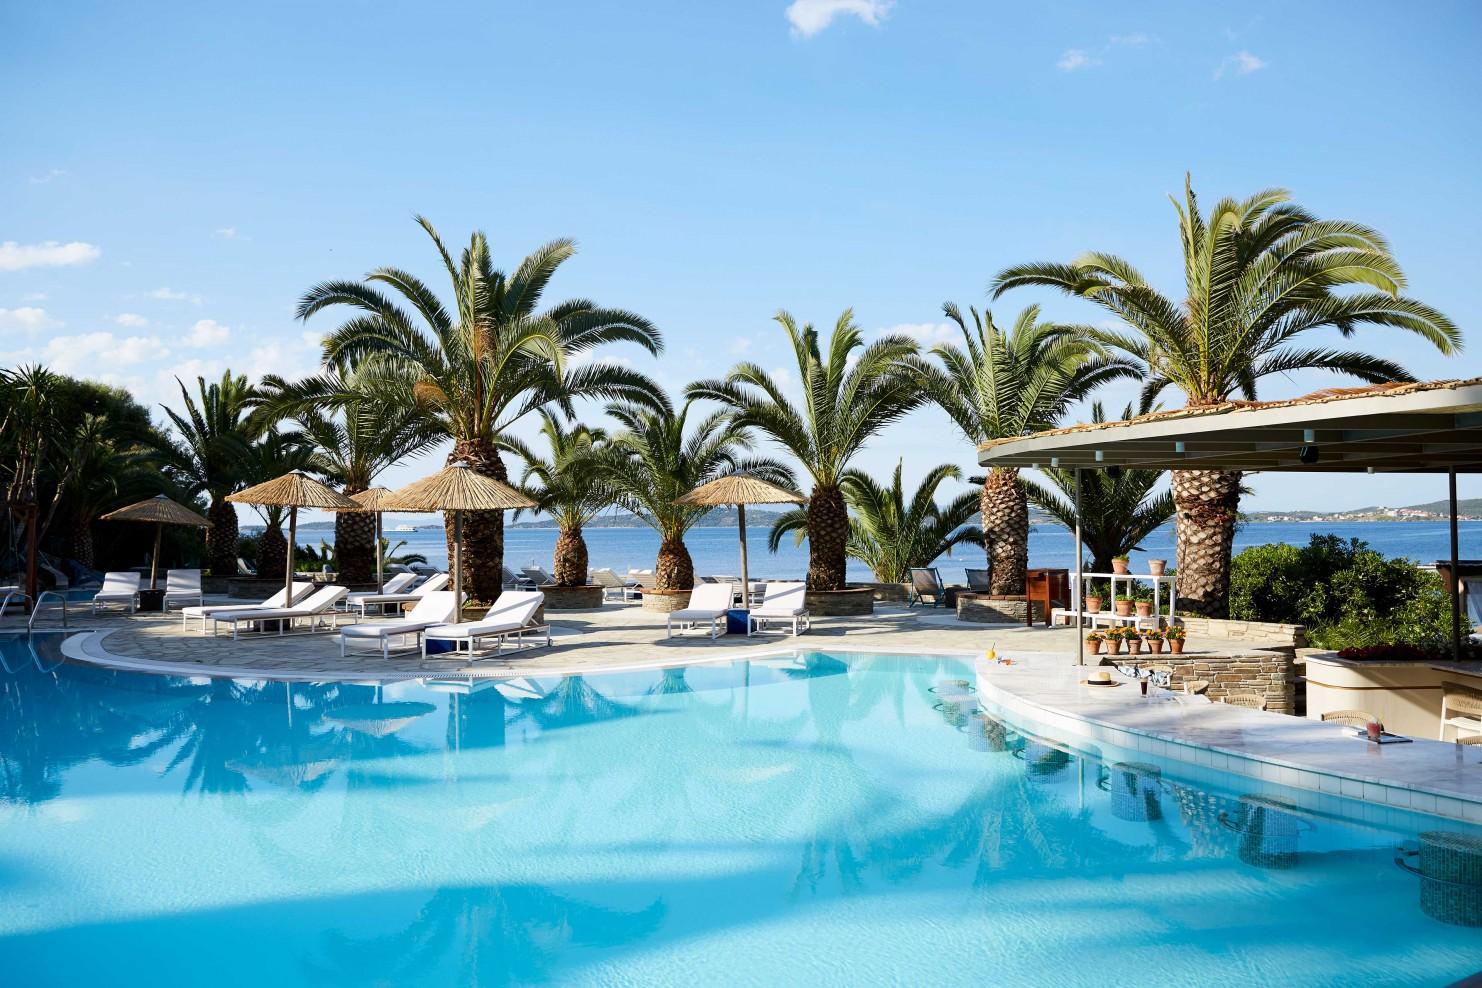 Eagles Palace hotel - Halkidiki - Smith Hotels